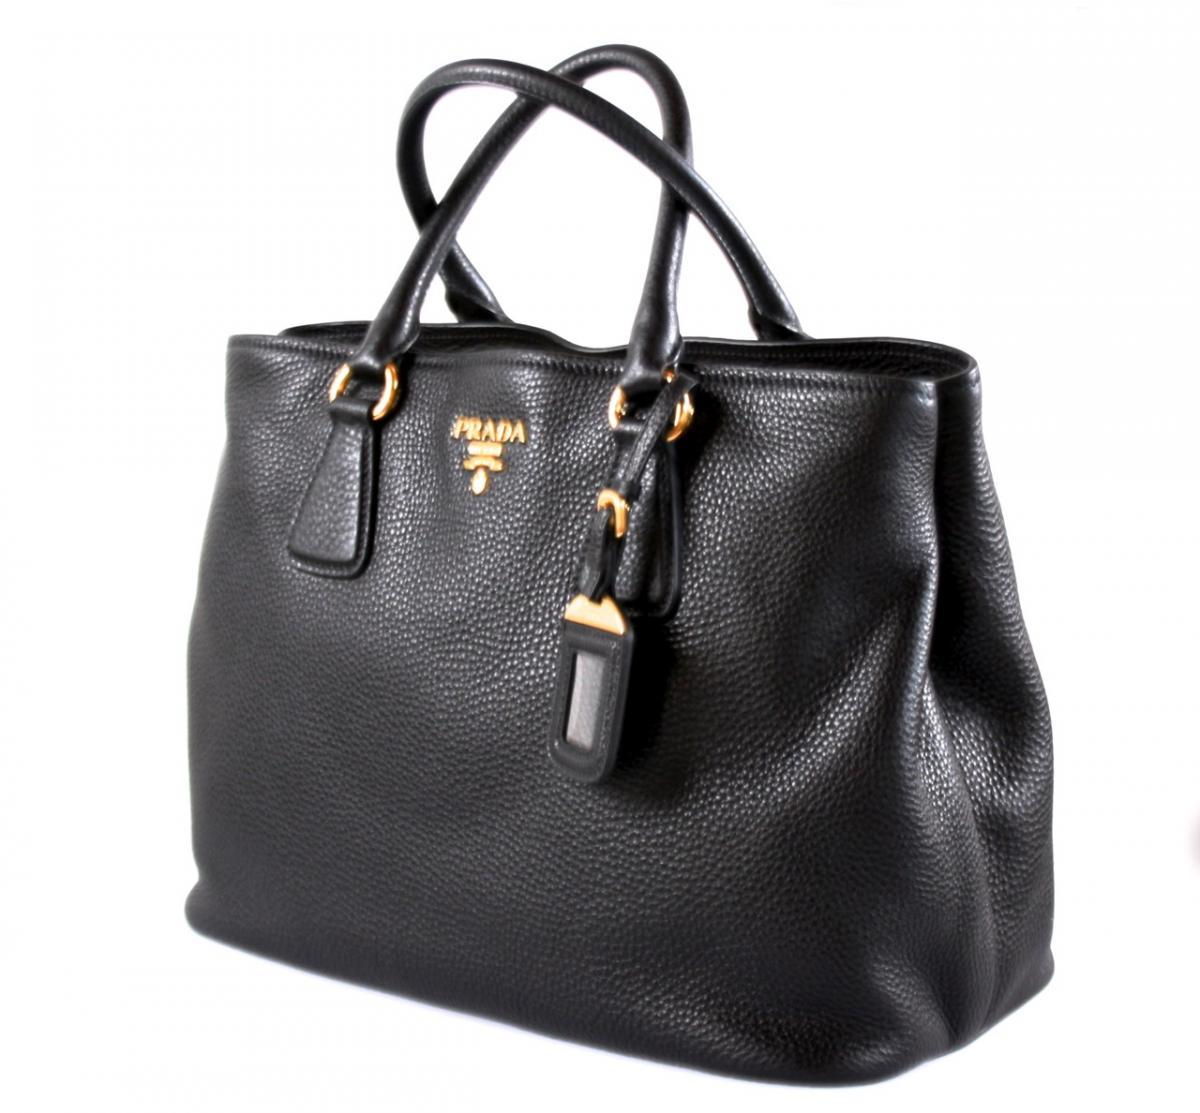 prada handbags brown leather - BN2794_n_1.jpg